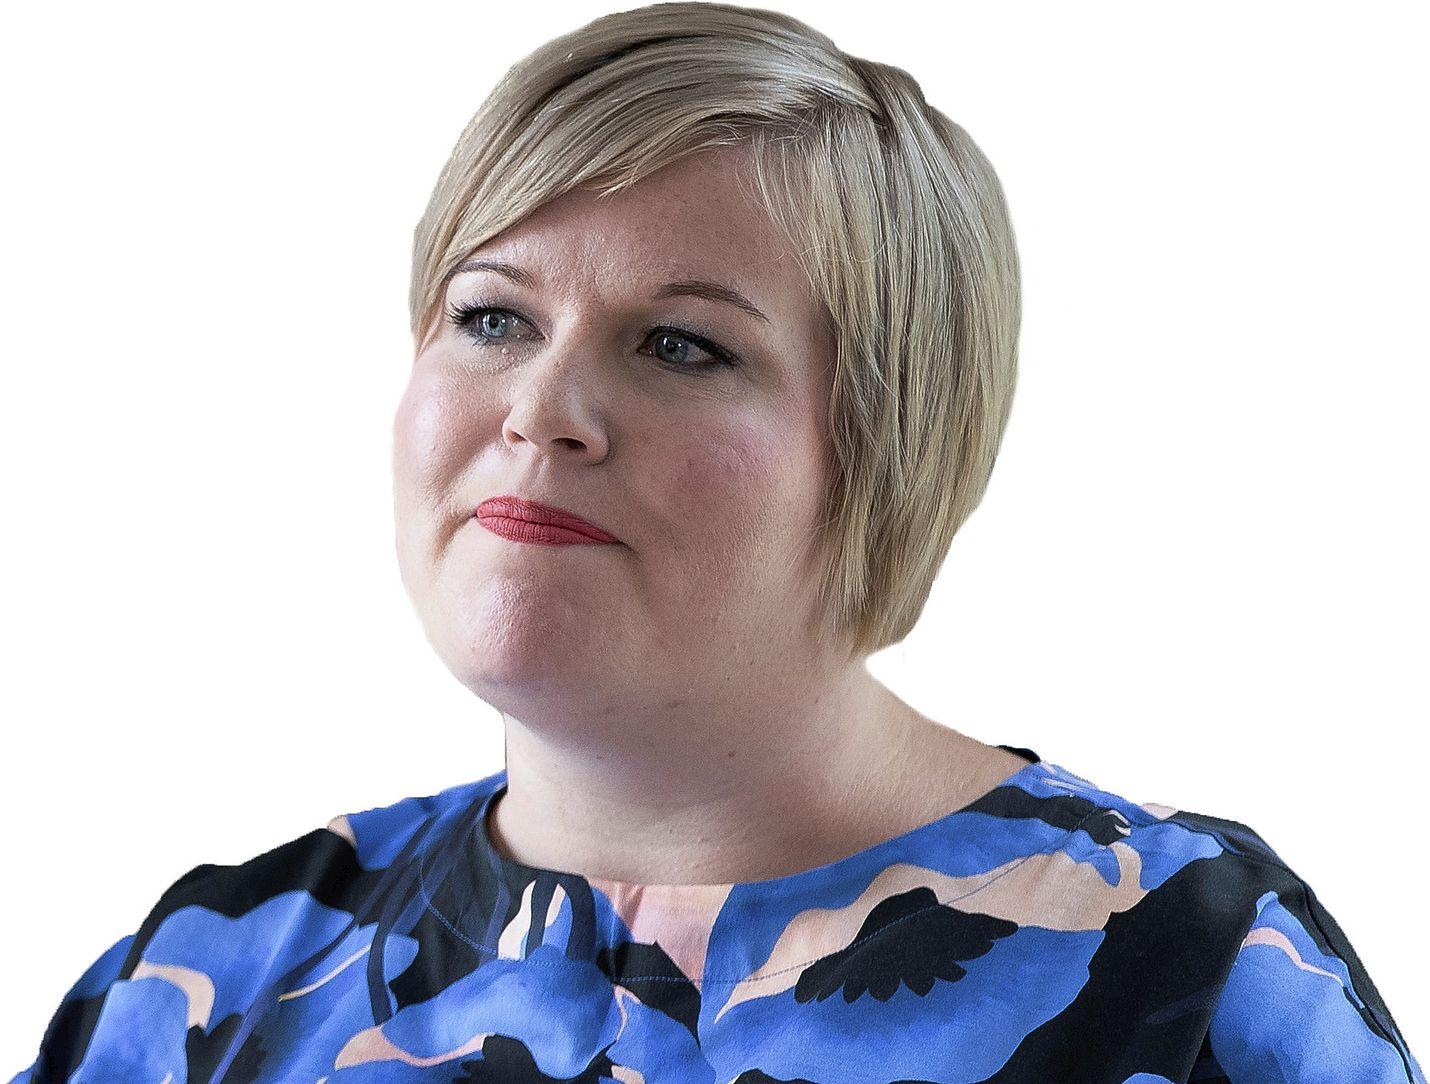 Kirjoittajan mielestä keskustan puheenjohtaja Annika Saarikon jatkuvat uhkailut heikentävät luottamusta.